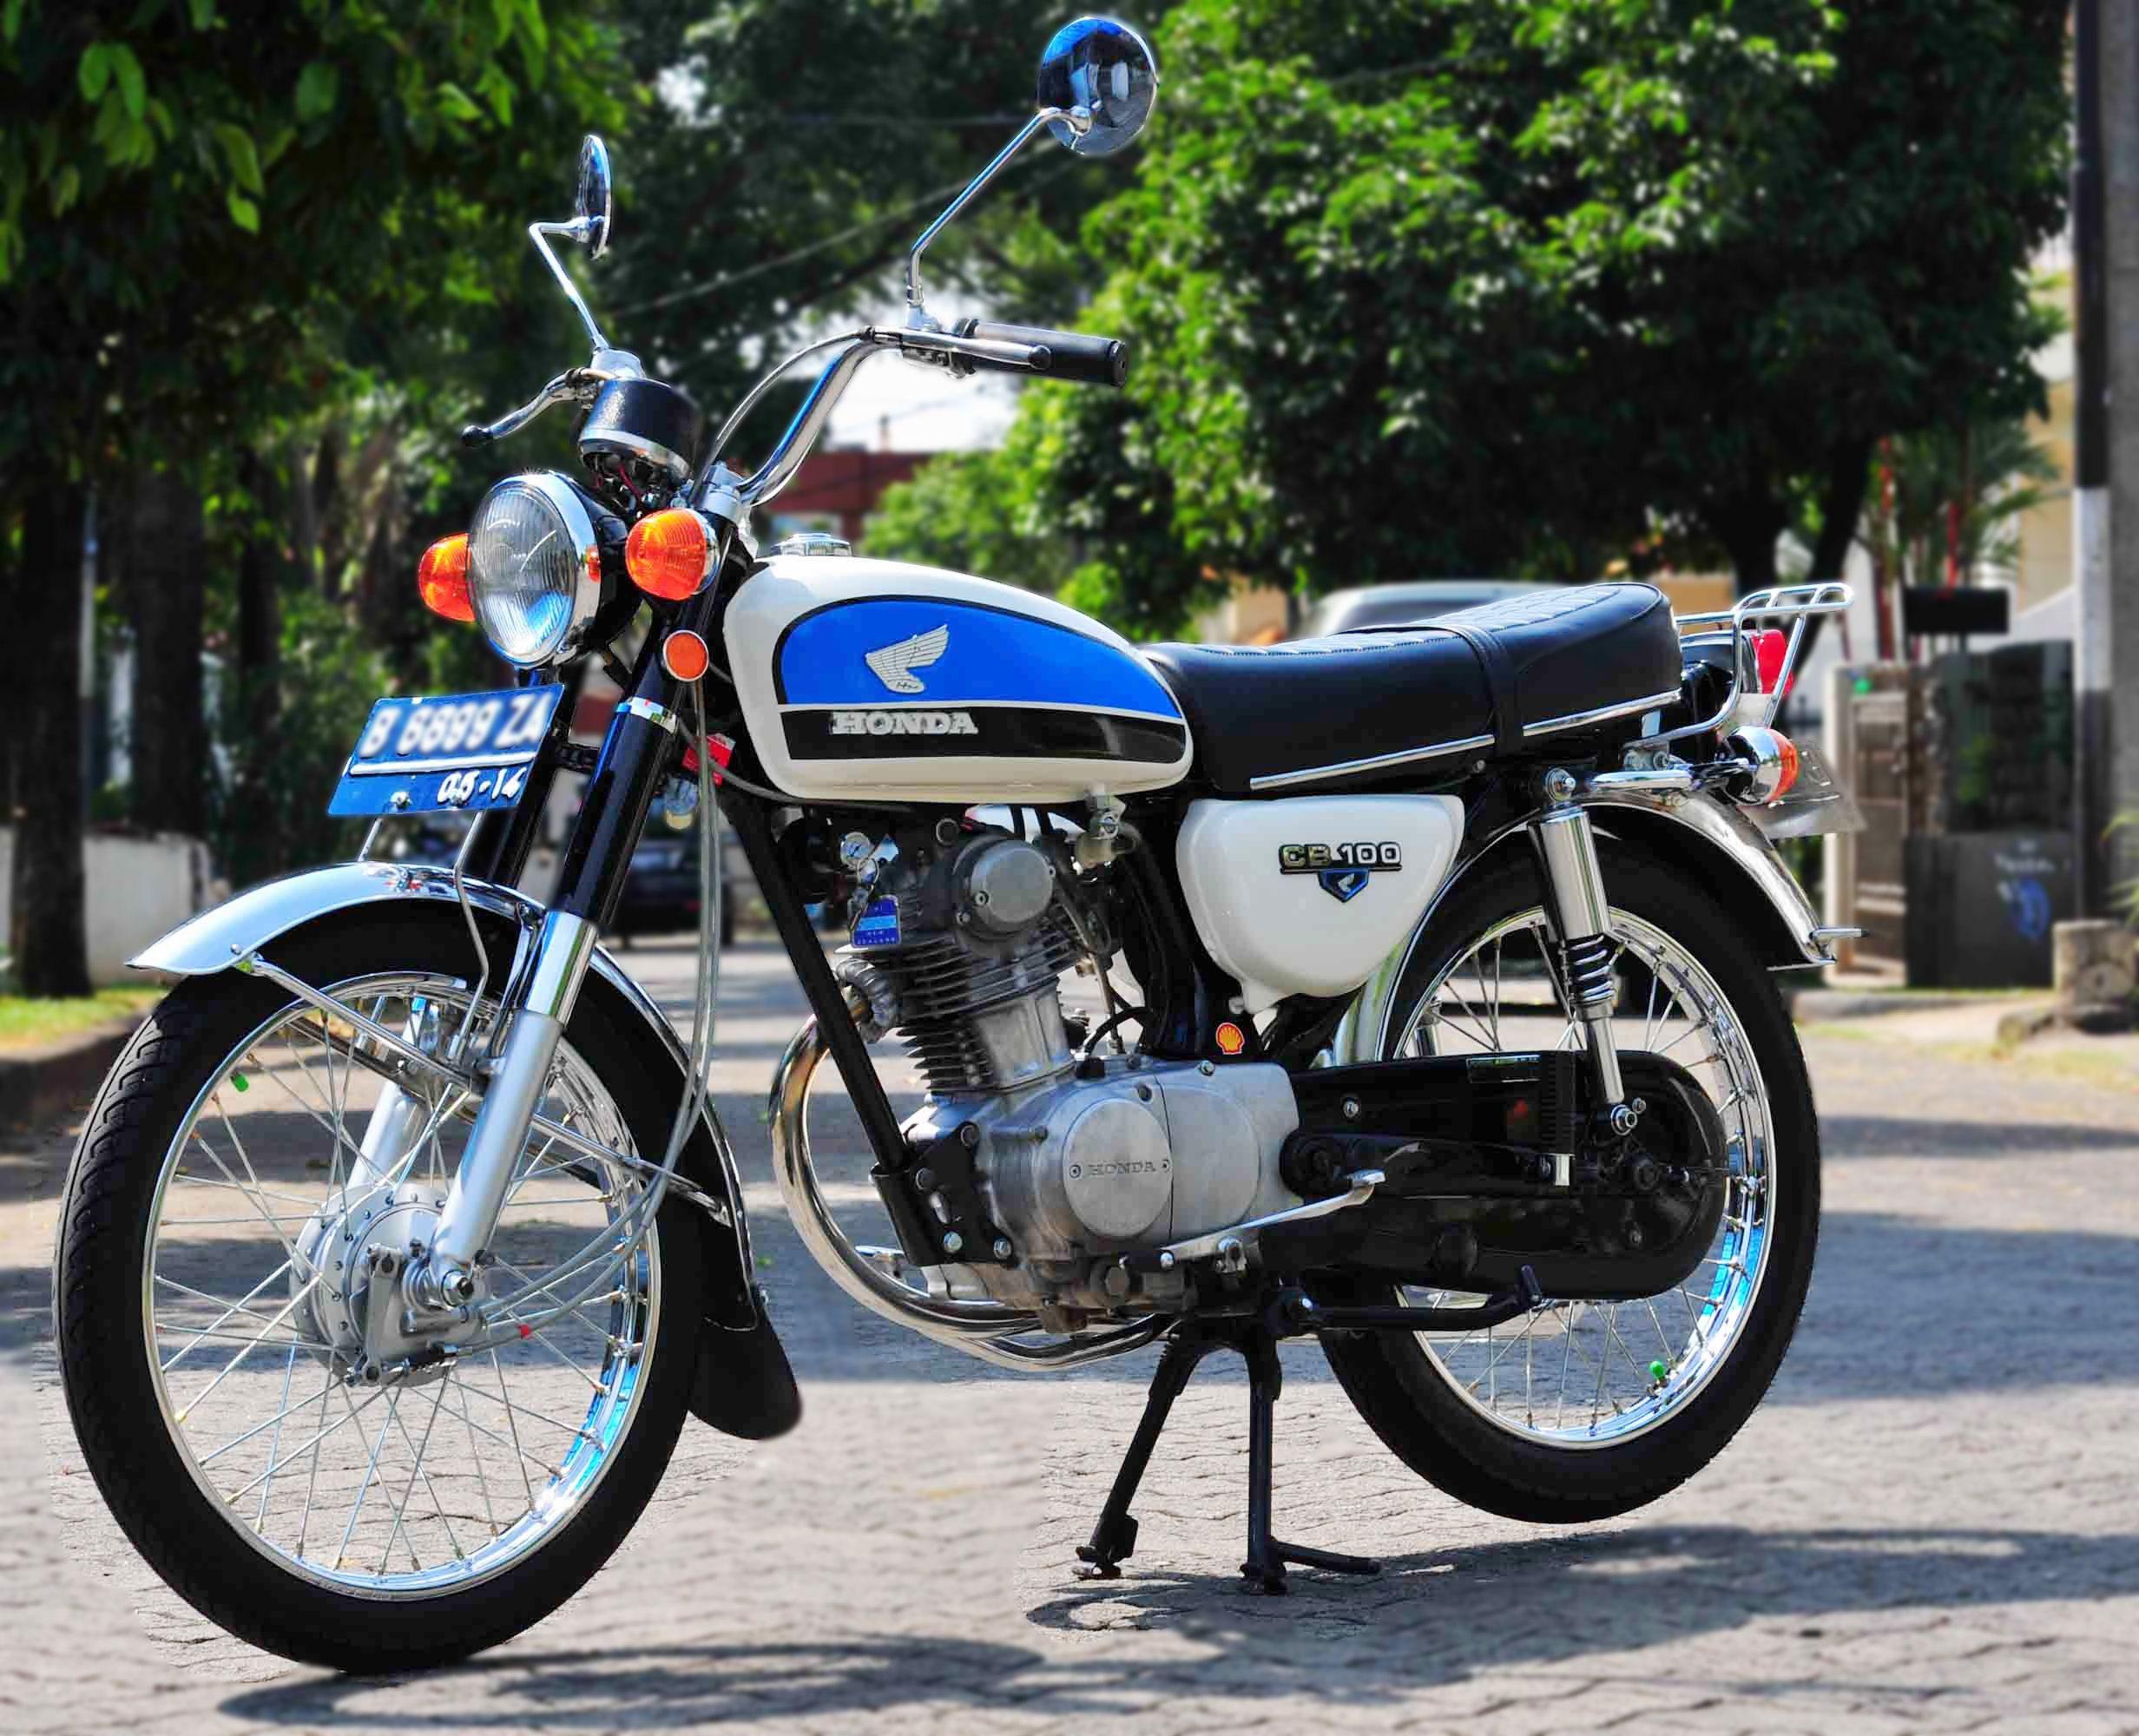 109 Modifikasi Motor Cb Touring Modifikasi Motor Honda CB Terbaru